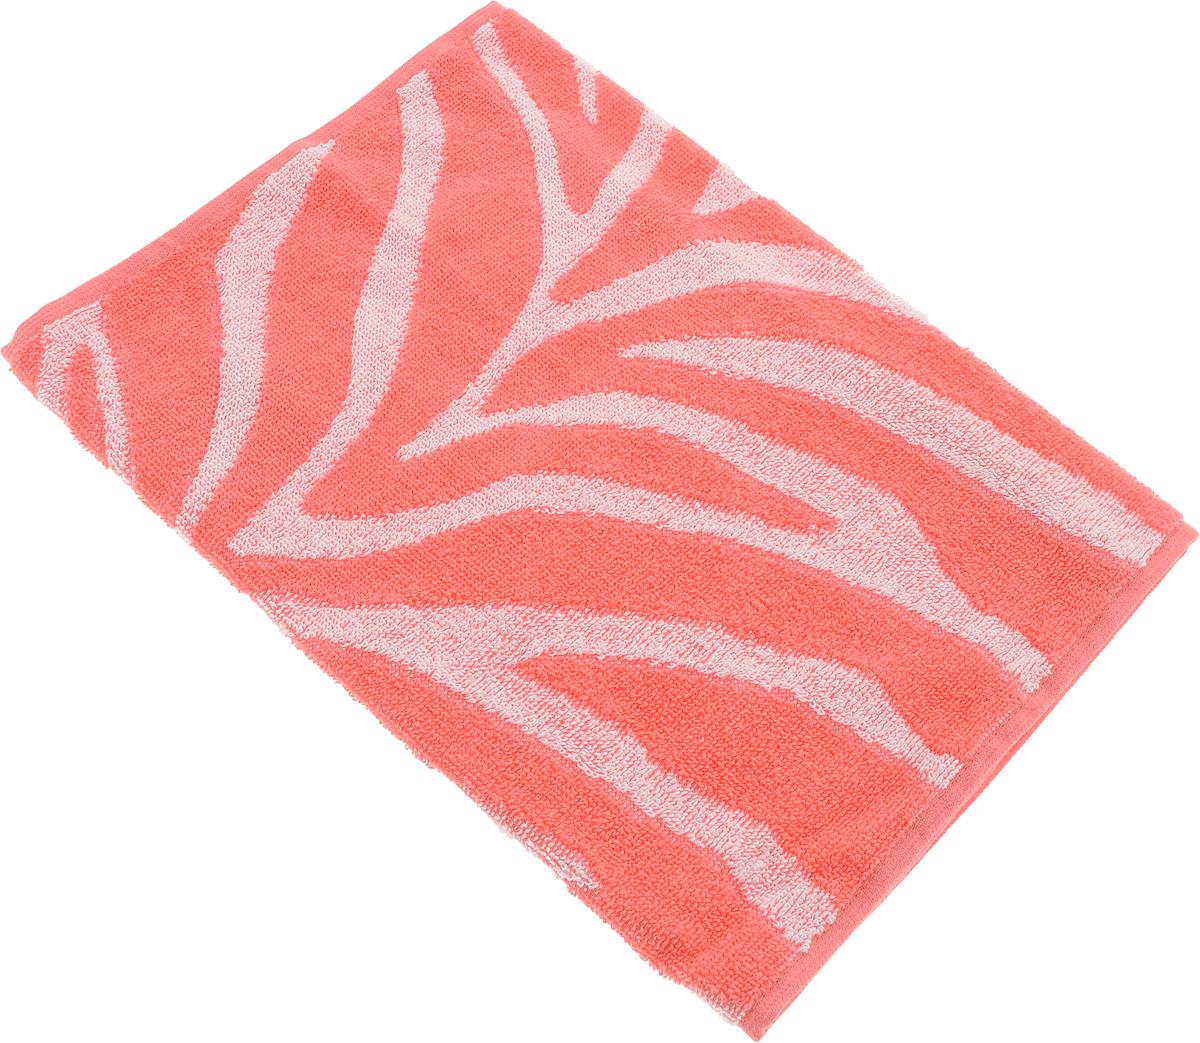 Полотенце Aquarelle Мадагаскар. Зебра, цвет: белый, коралловый, 35 х 70 см713153Махровое полотенце Aquarelle Мадагаскар. Зебра изготовлено из натурального 100% хлопка.Это мягкое и нежное полотенце добавит ярких красок и позитивного настроя в каждый день. Изделие отлично впитывает влагу, быстро сохнет, сохраняет яркость цвета даже после многократных стирок.